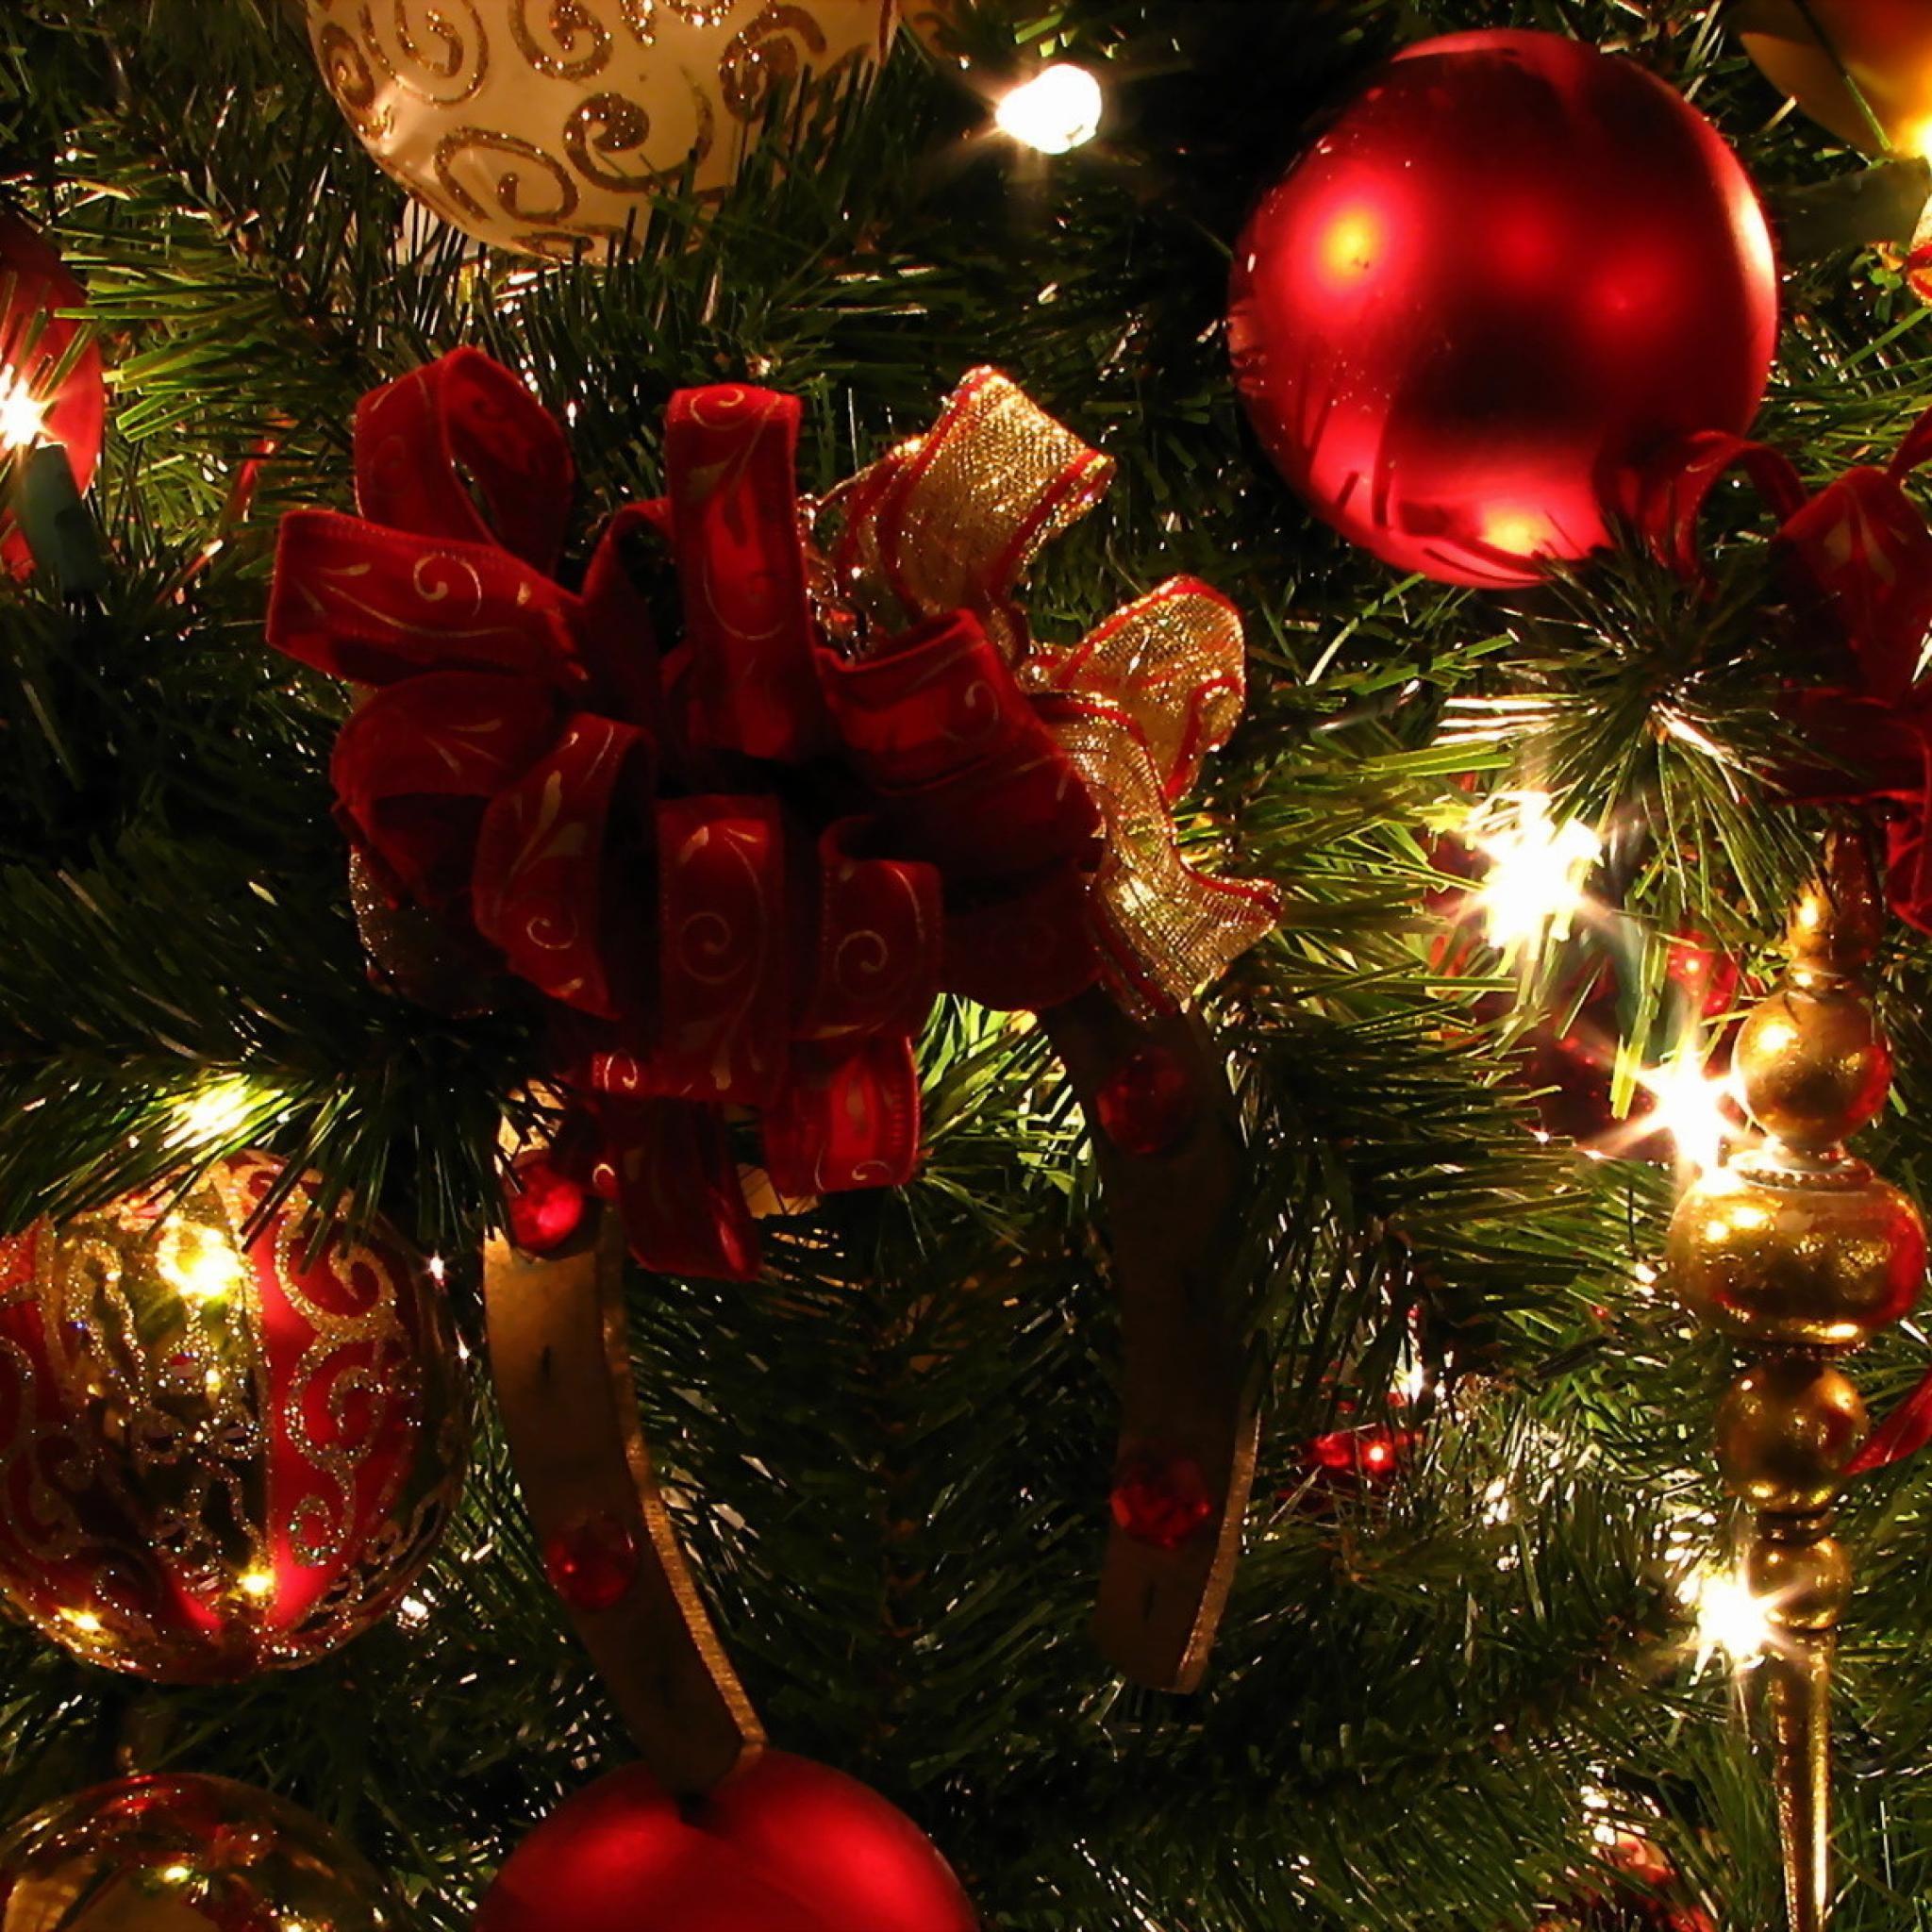 Christmas Wallpaper For Ipad (08)